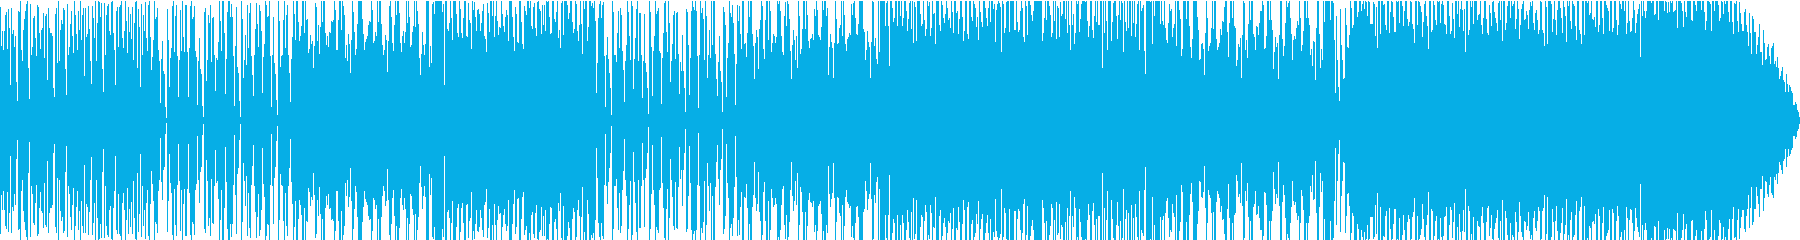 アップテンポでノリの良いファンクロックの再生済みの波形